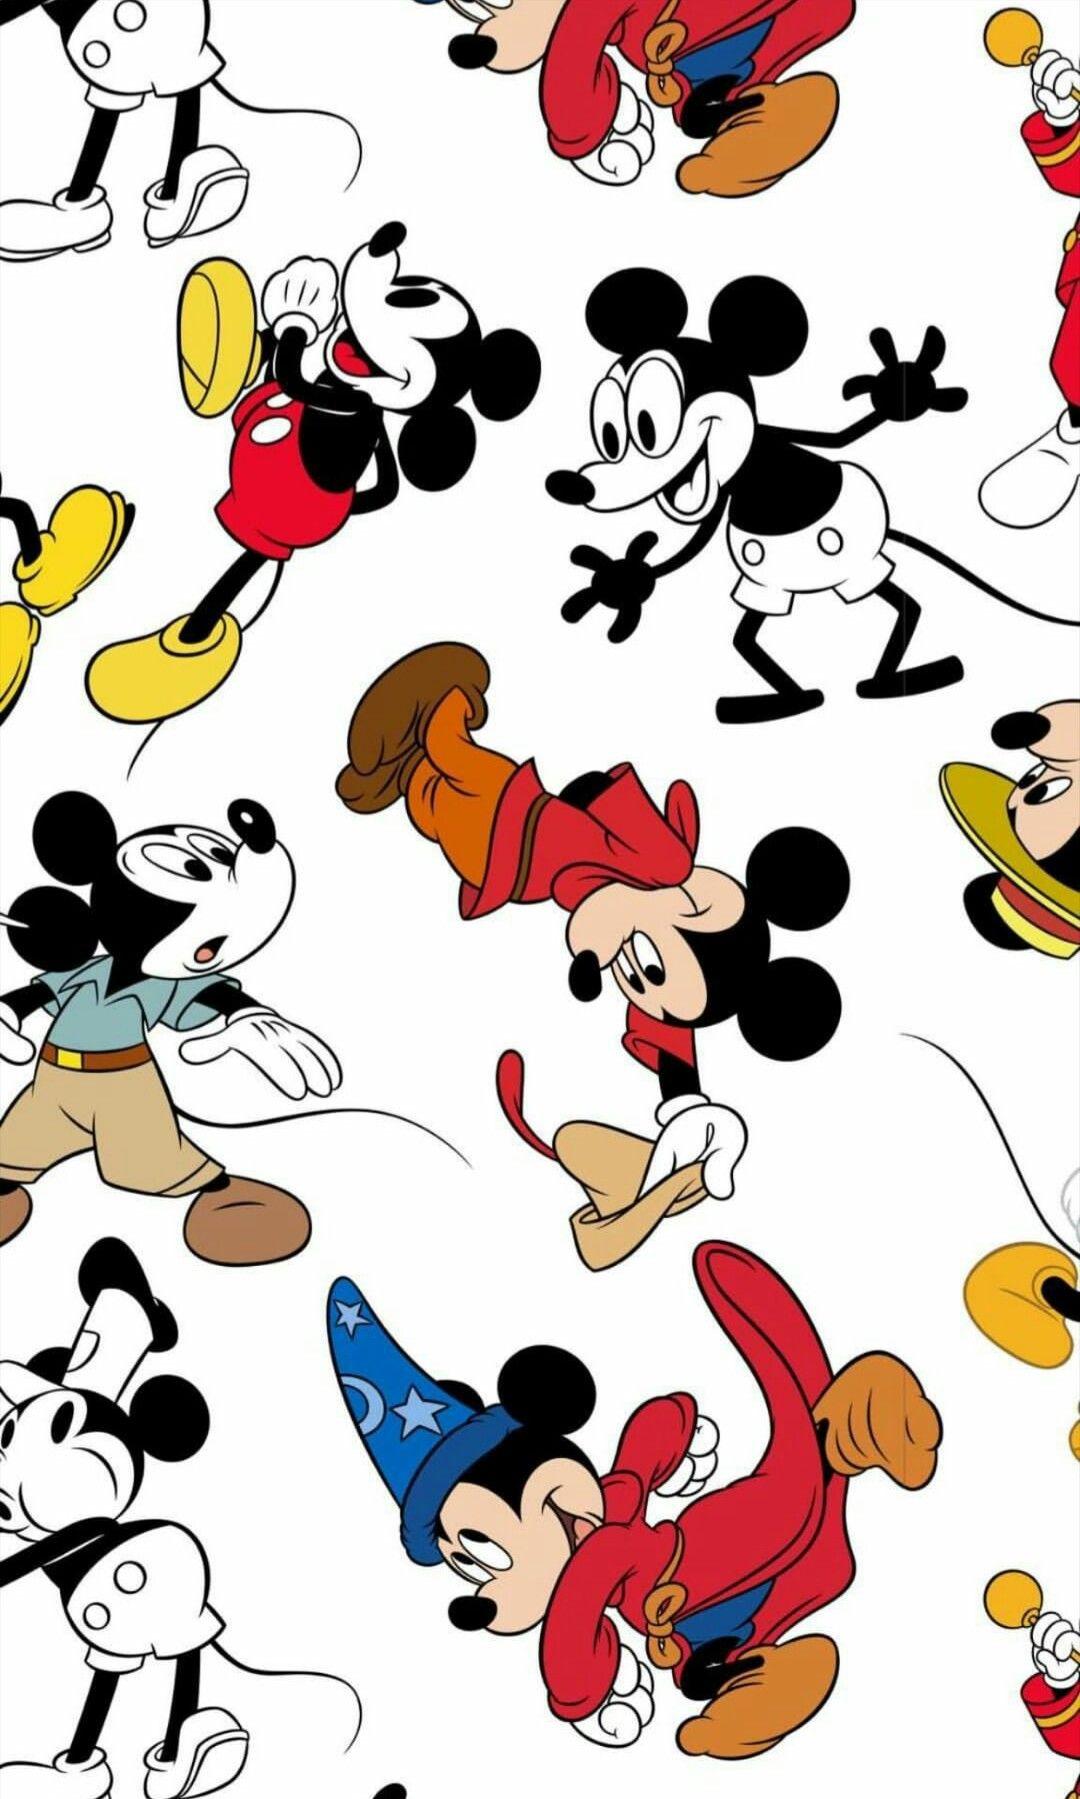 fondo de mickey fondo de mickey mouse